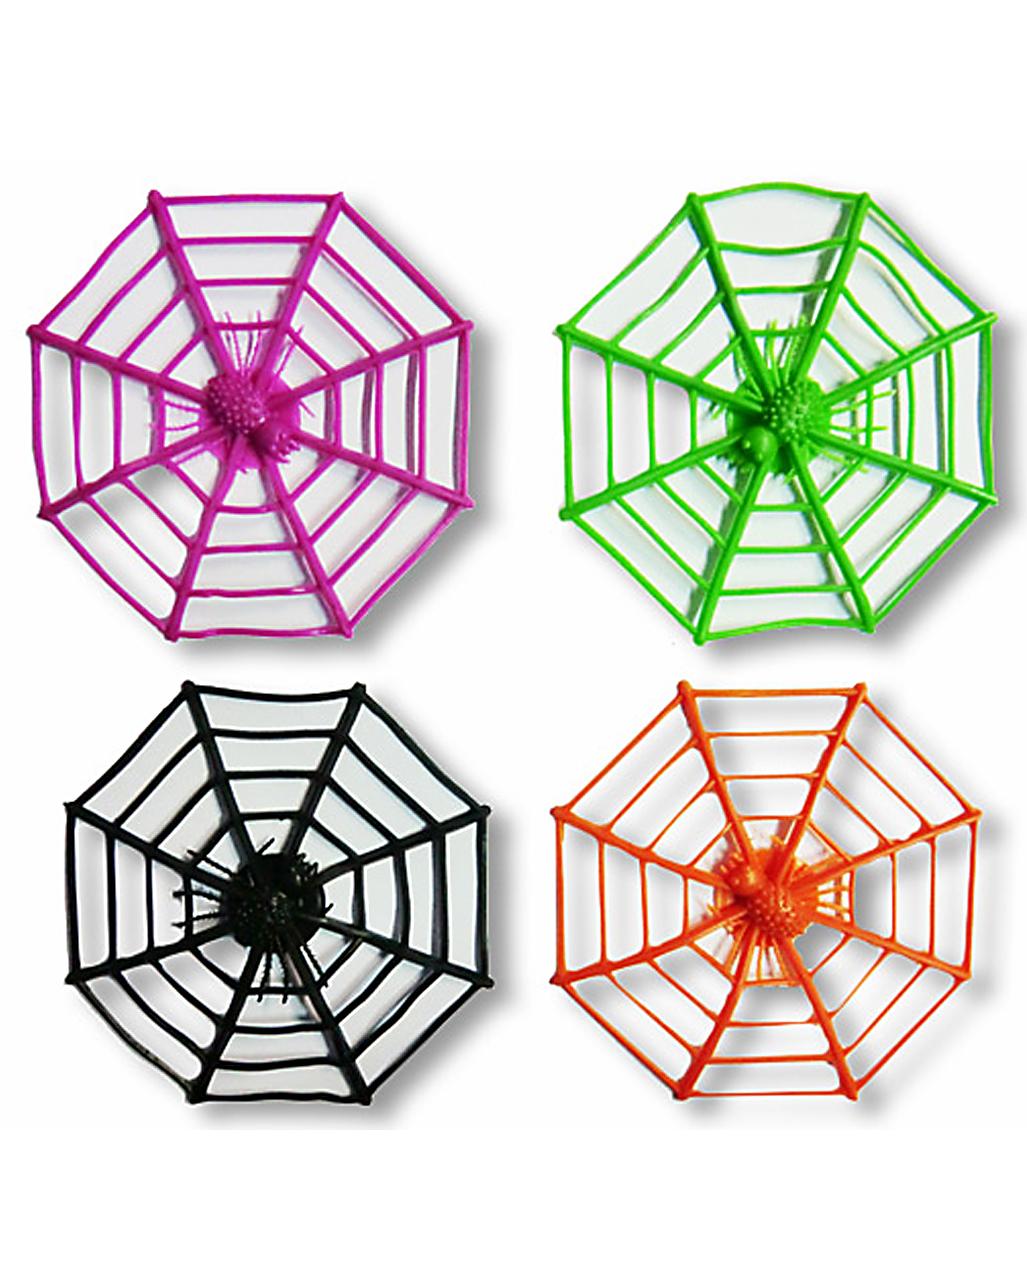 bunte spinnennetze 12 st ck spinnennetze g nstig kaufen karneval universe. Black Bedroom Furniture Sets. Home Design Ideas